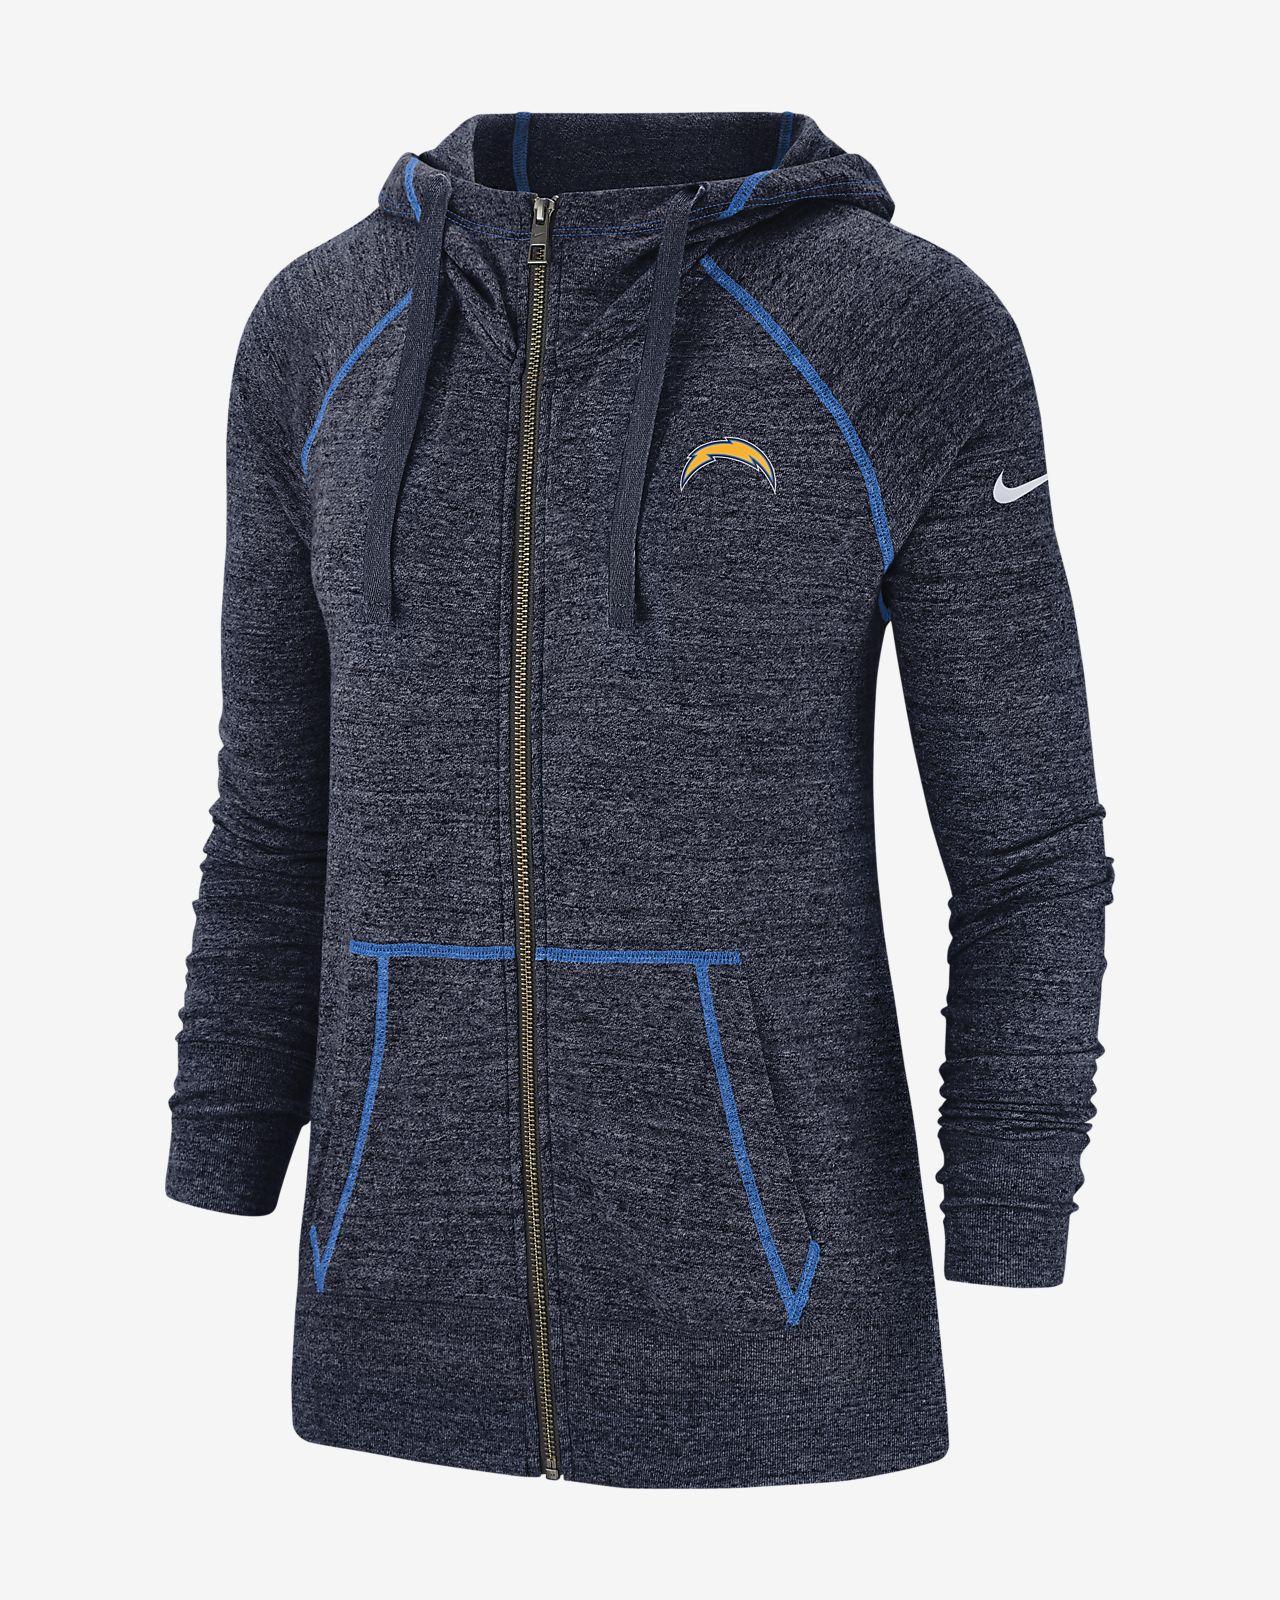 detailed look 4ca55 16a76 Nike Gym Vintage (NFL Chargers) Women's Full-Zip Hoodie